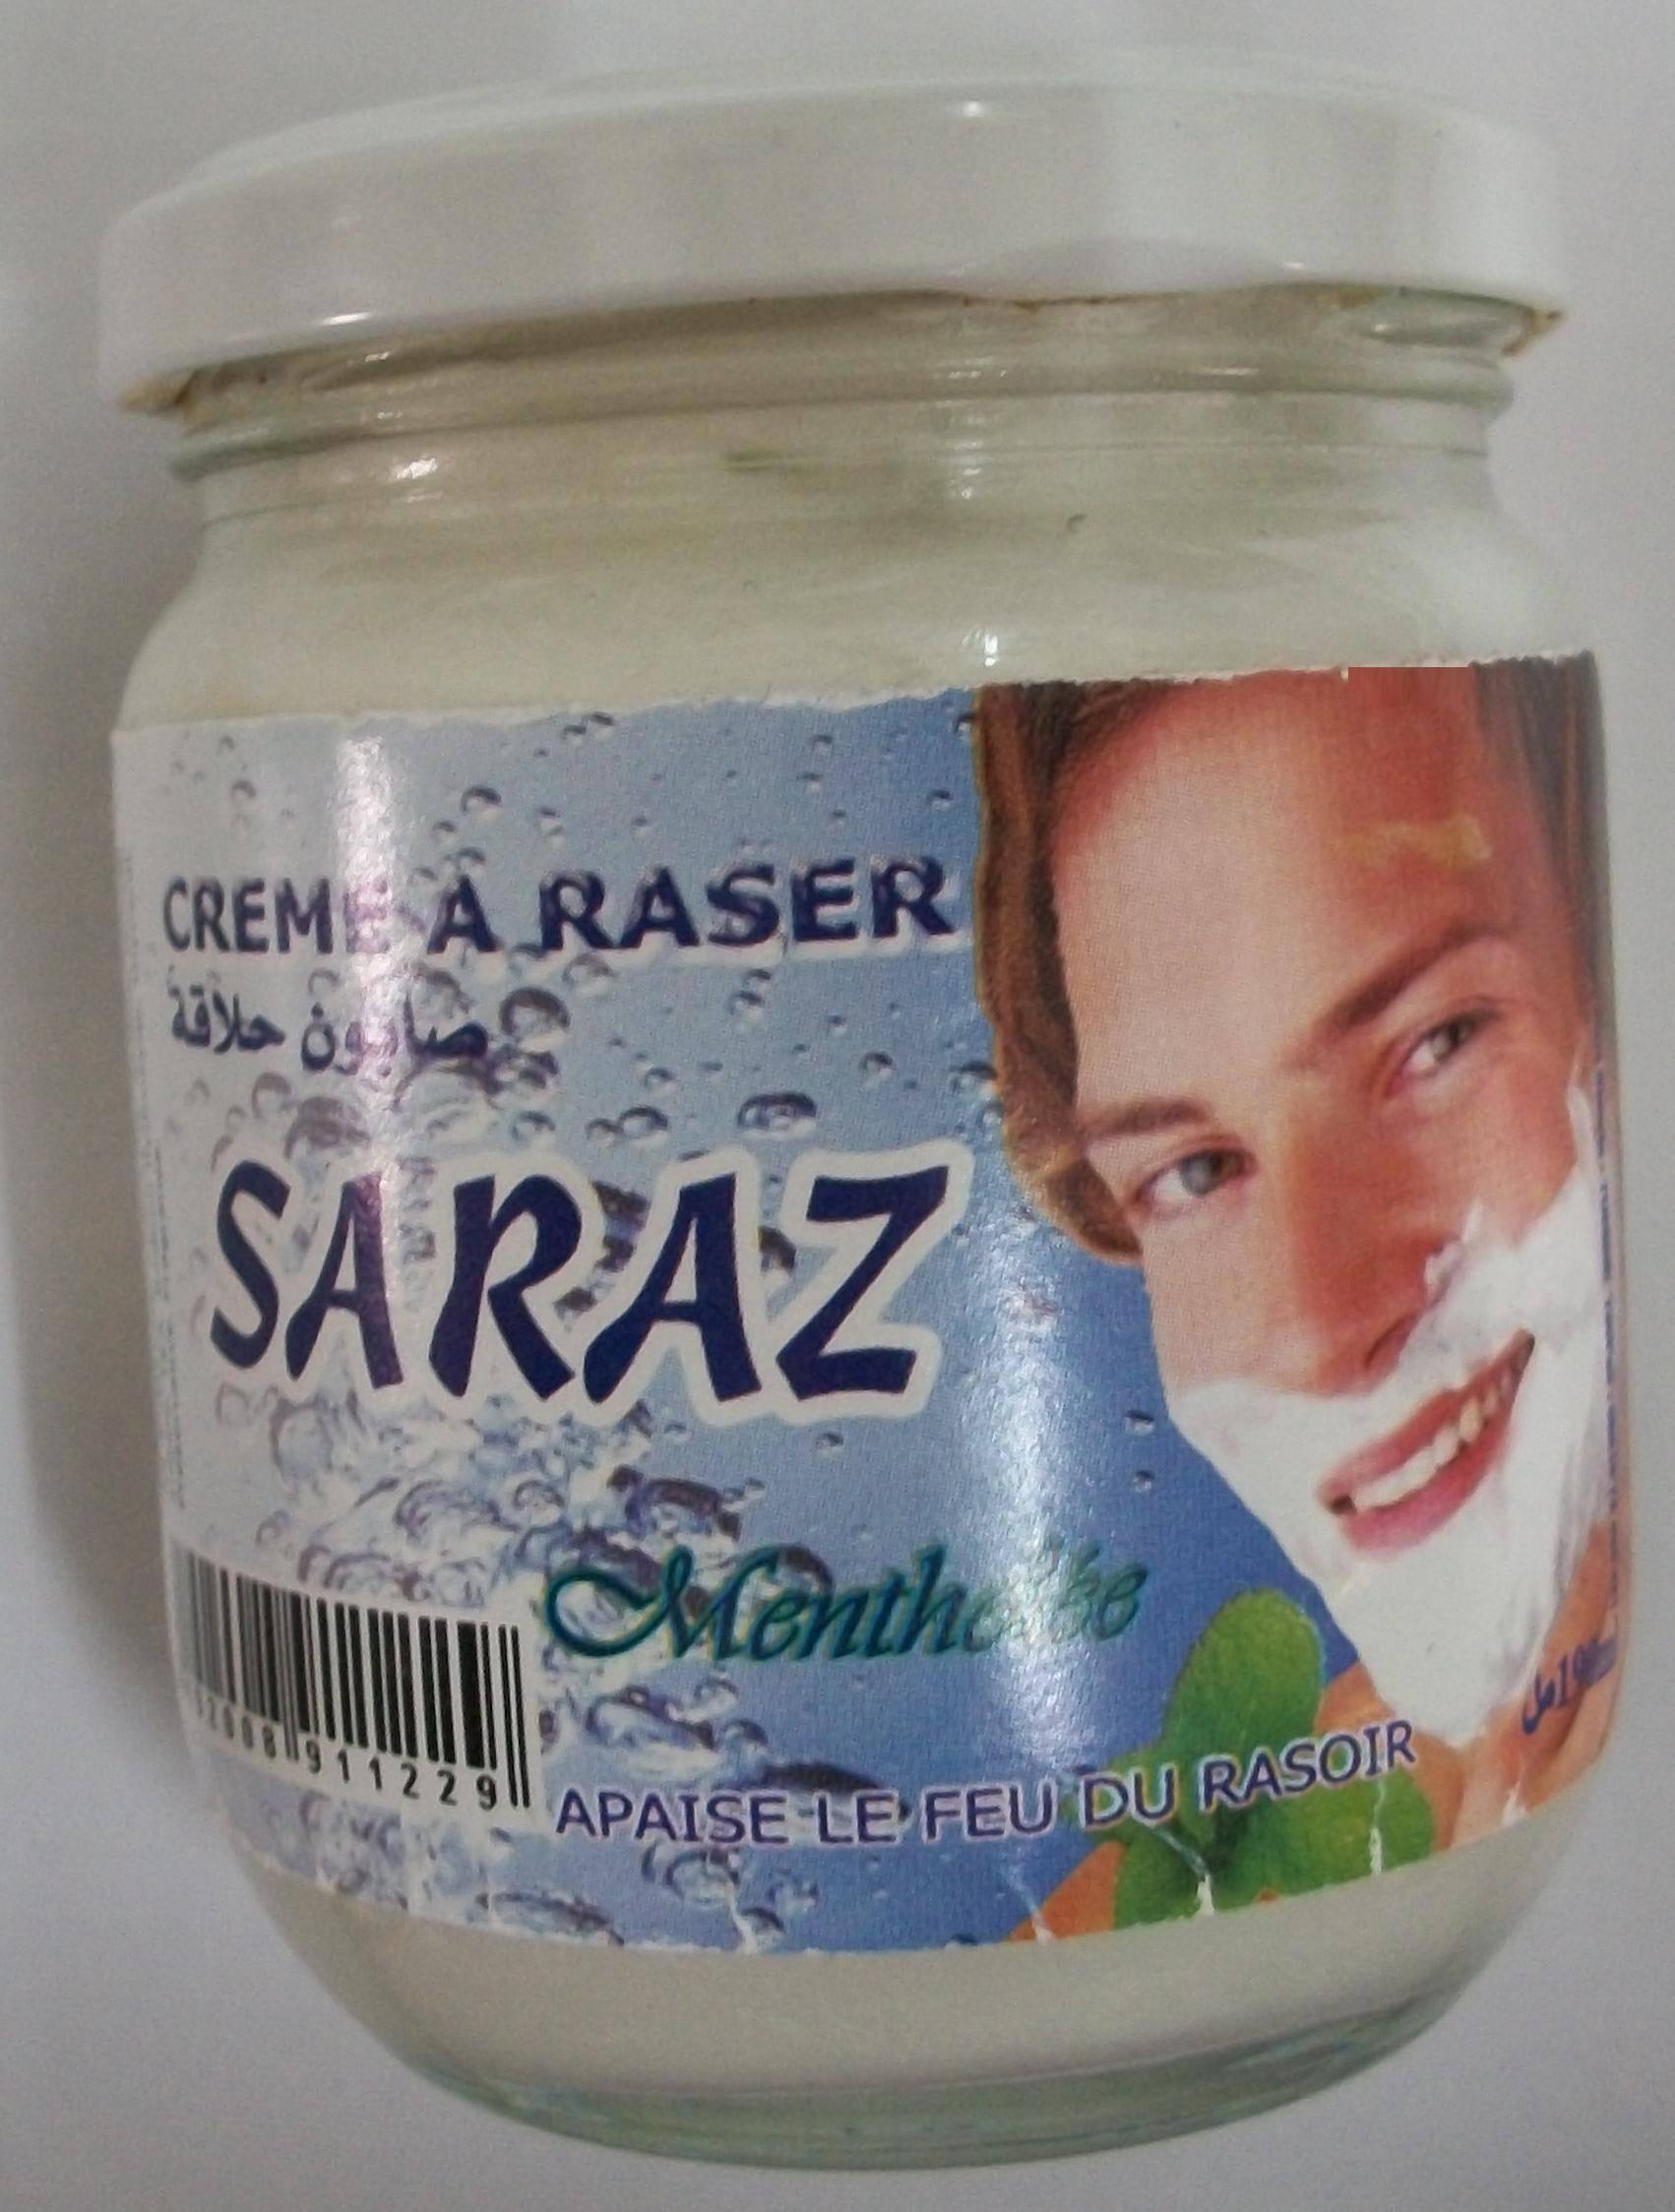 SARAZ shaving cream